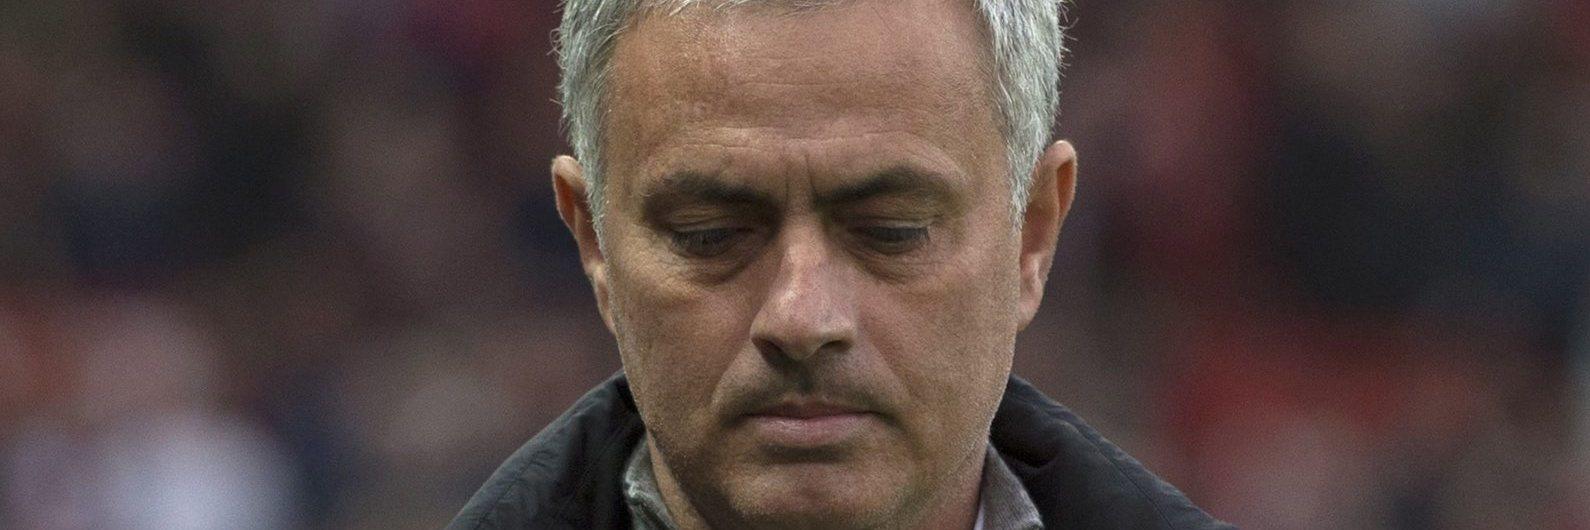 José Mourinho perseguido por fã obcecada